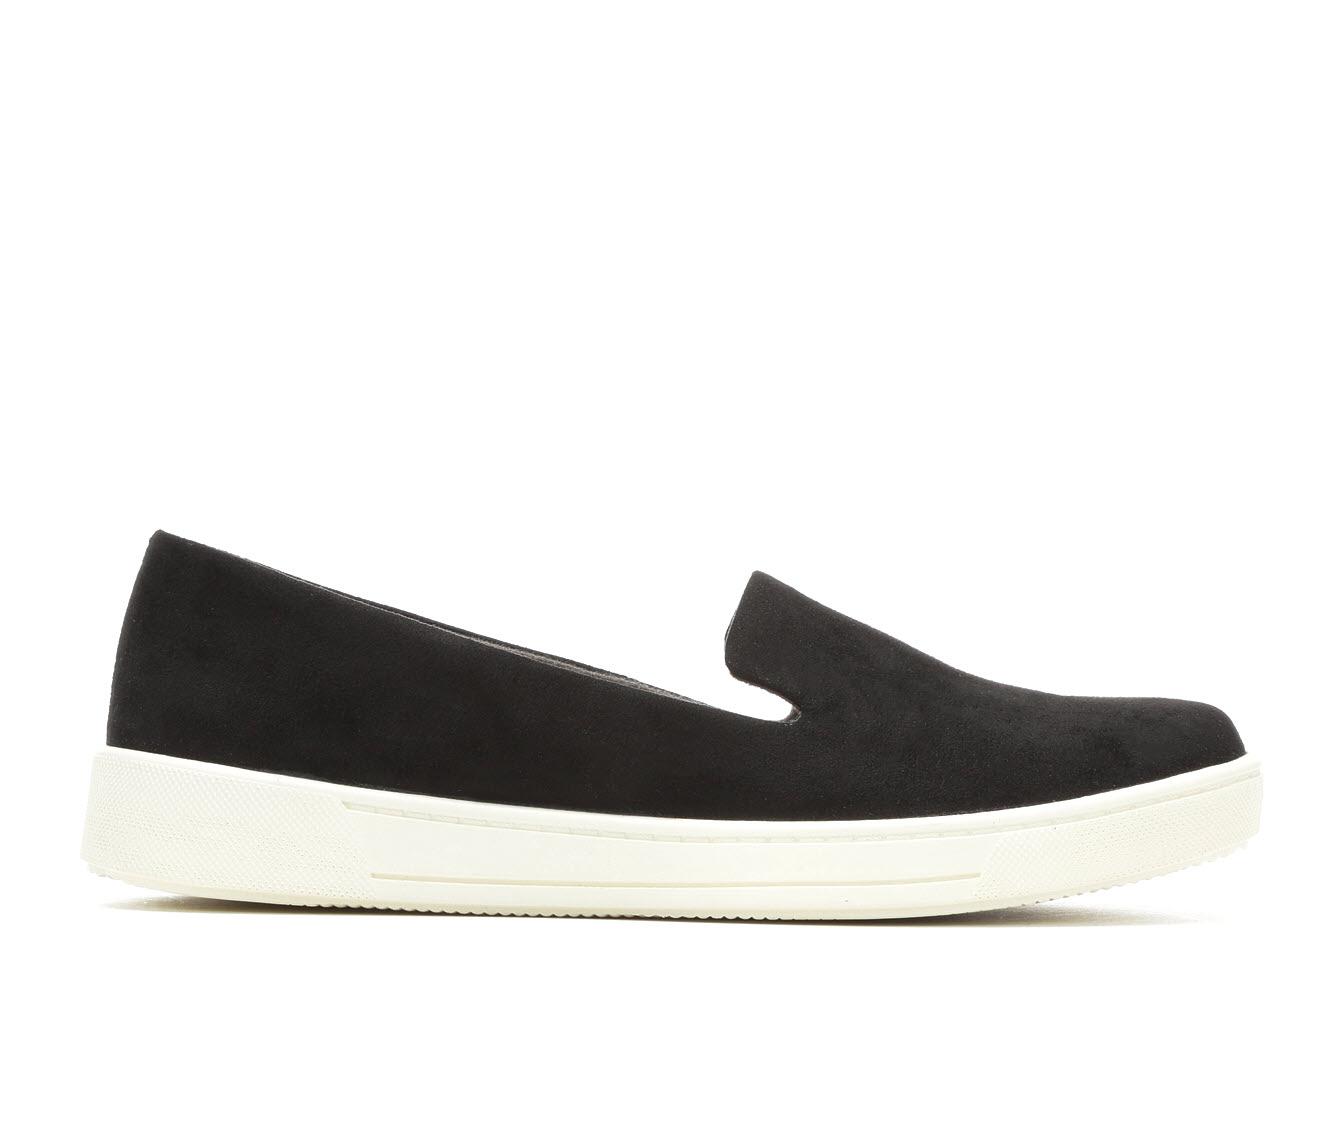 EuroSoft Carita Women's Shoe (Black Suede)